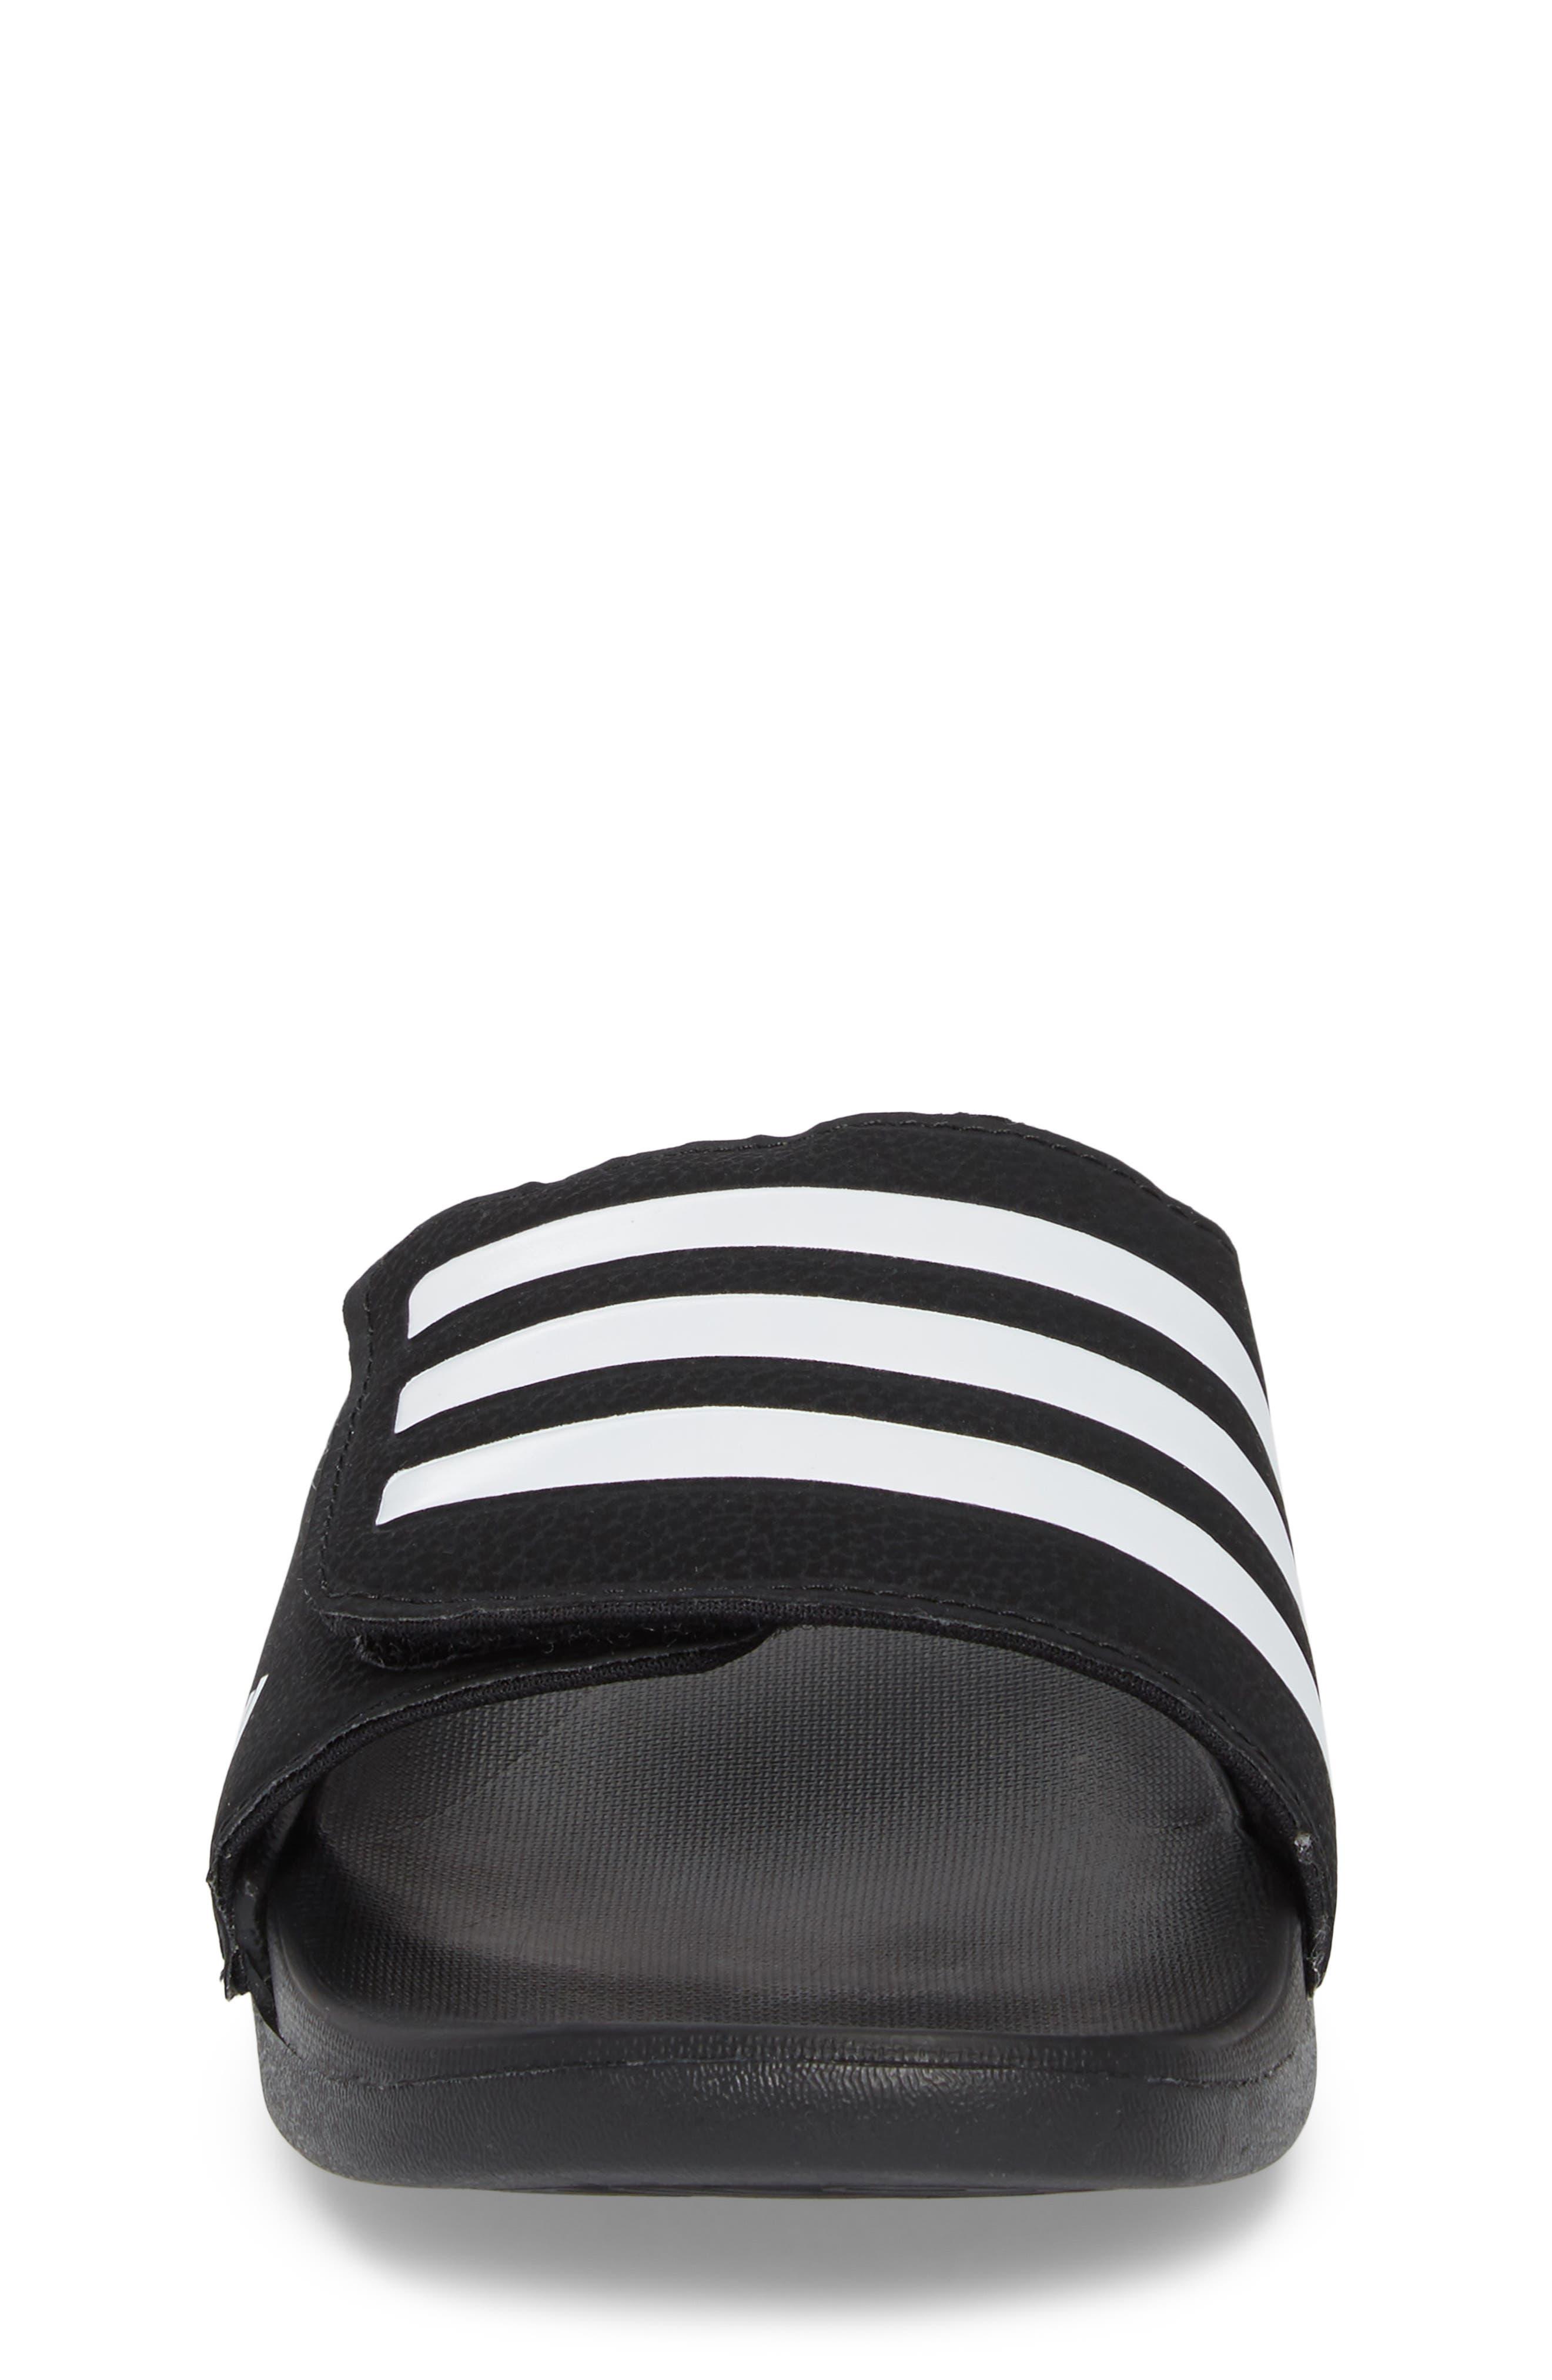 Adilette Slide Sandal,                             Alternate thumbnail 4, color,                             Black/ White